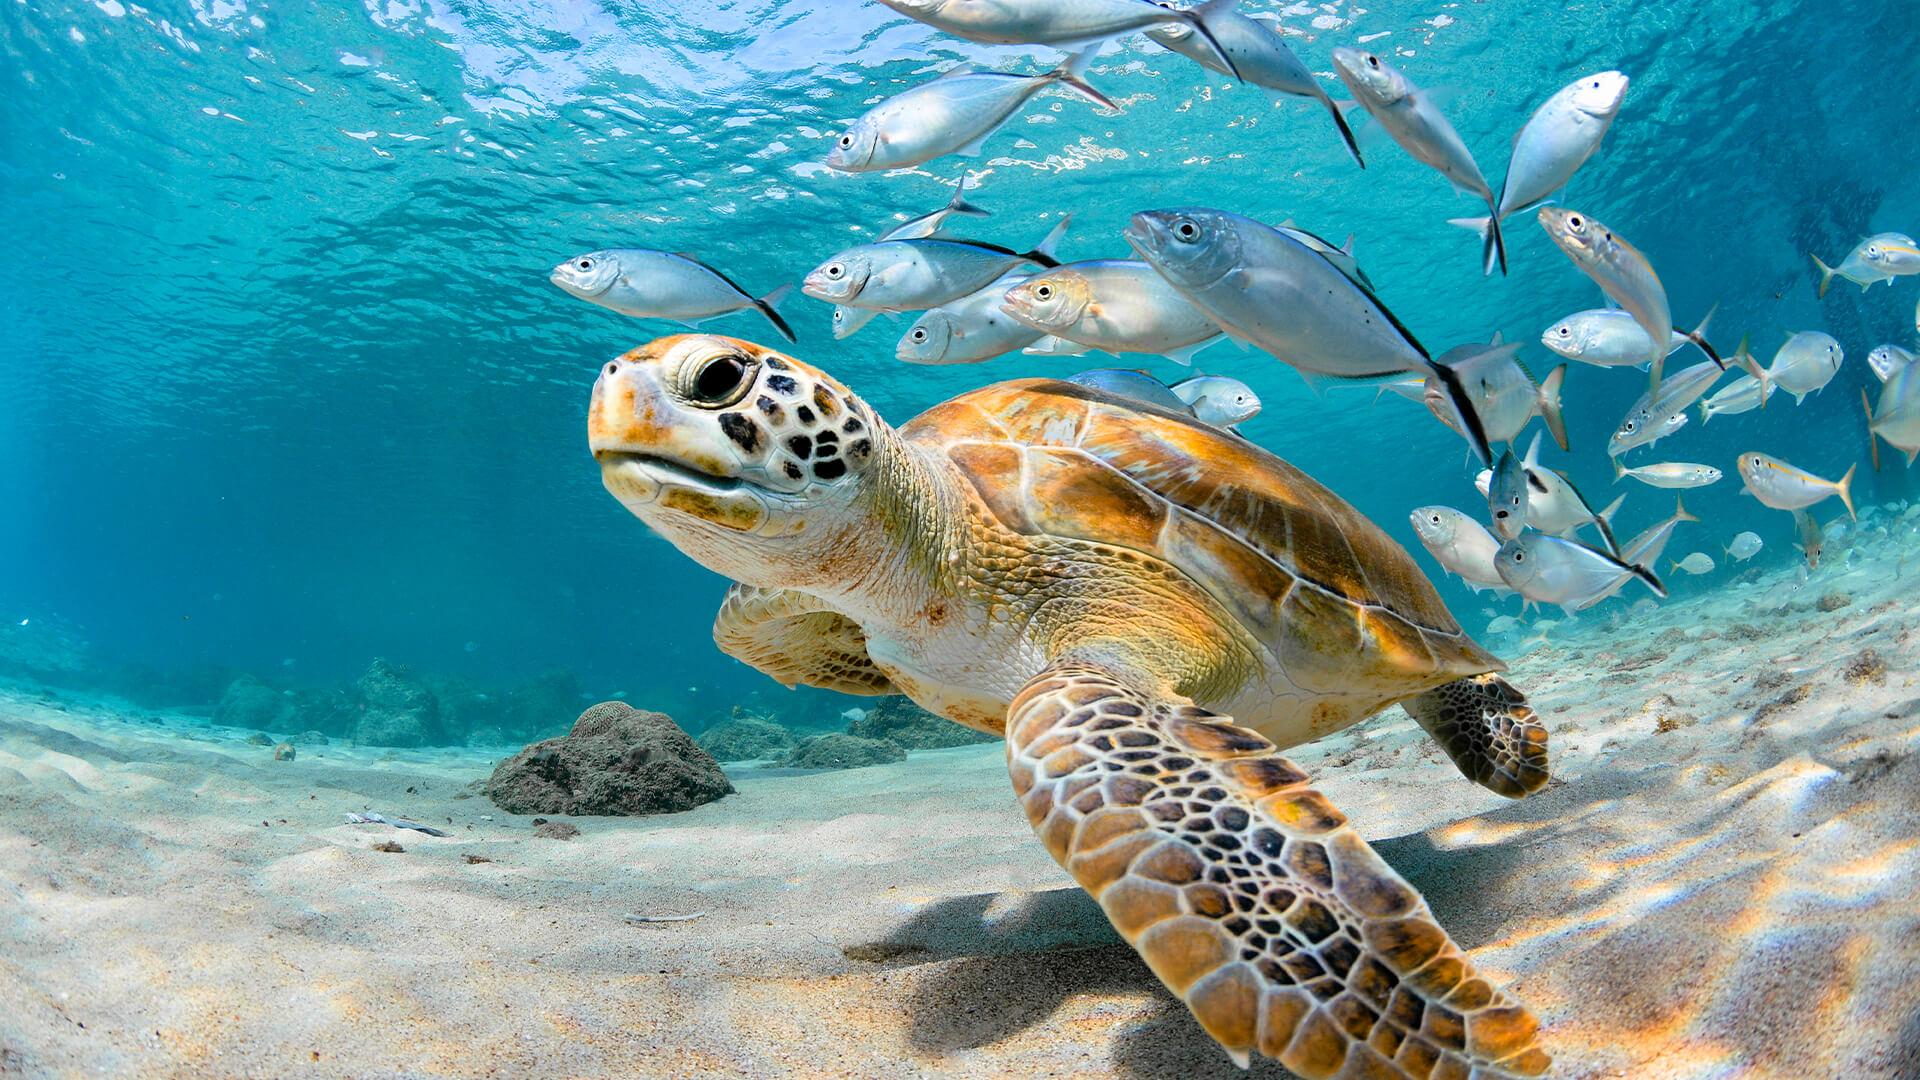 sea turtle underwater at key west aquarium